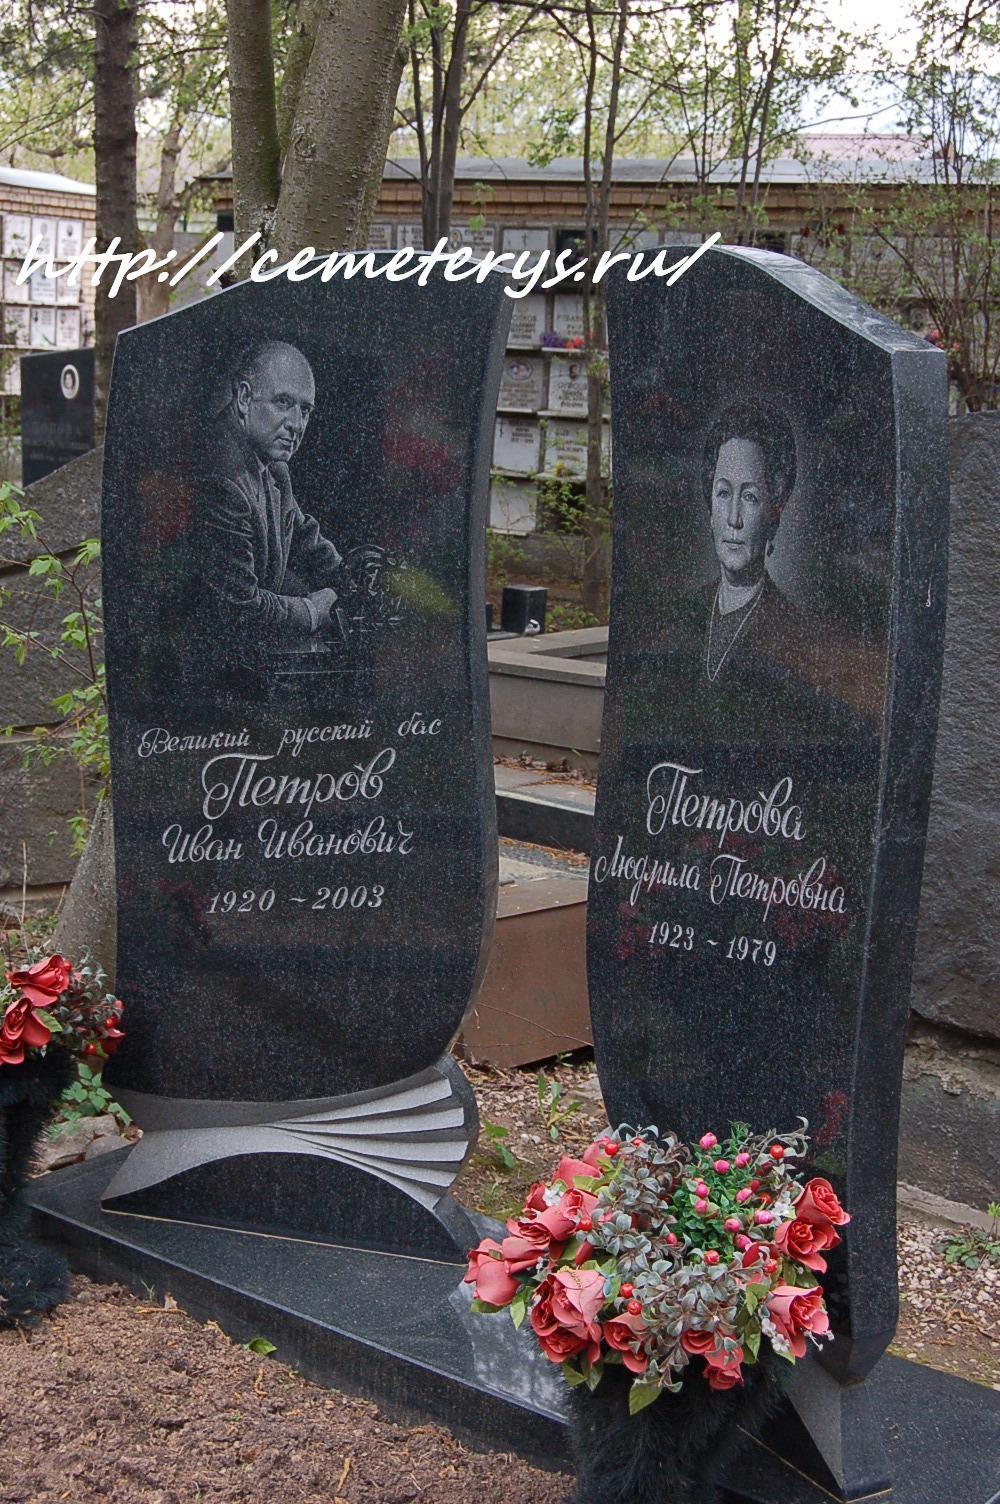 могила Ивана Петрова на Кунцевском кладбище в Москве  (фото Дмитрия Кондратьева)